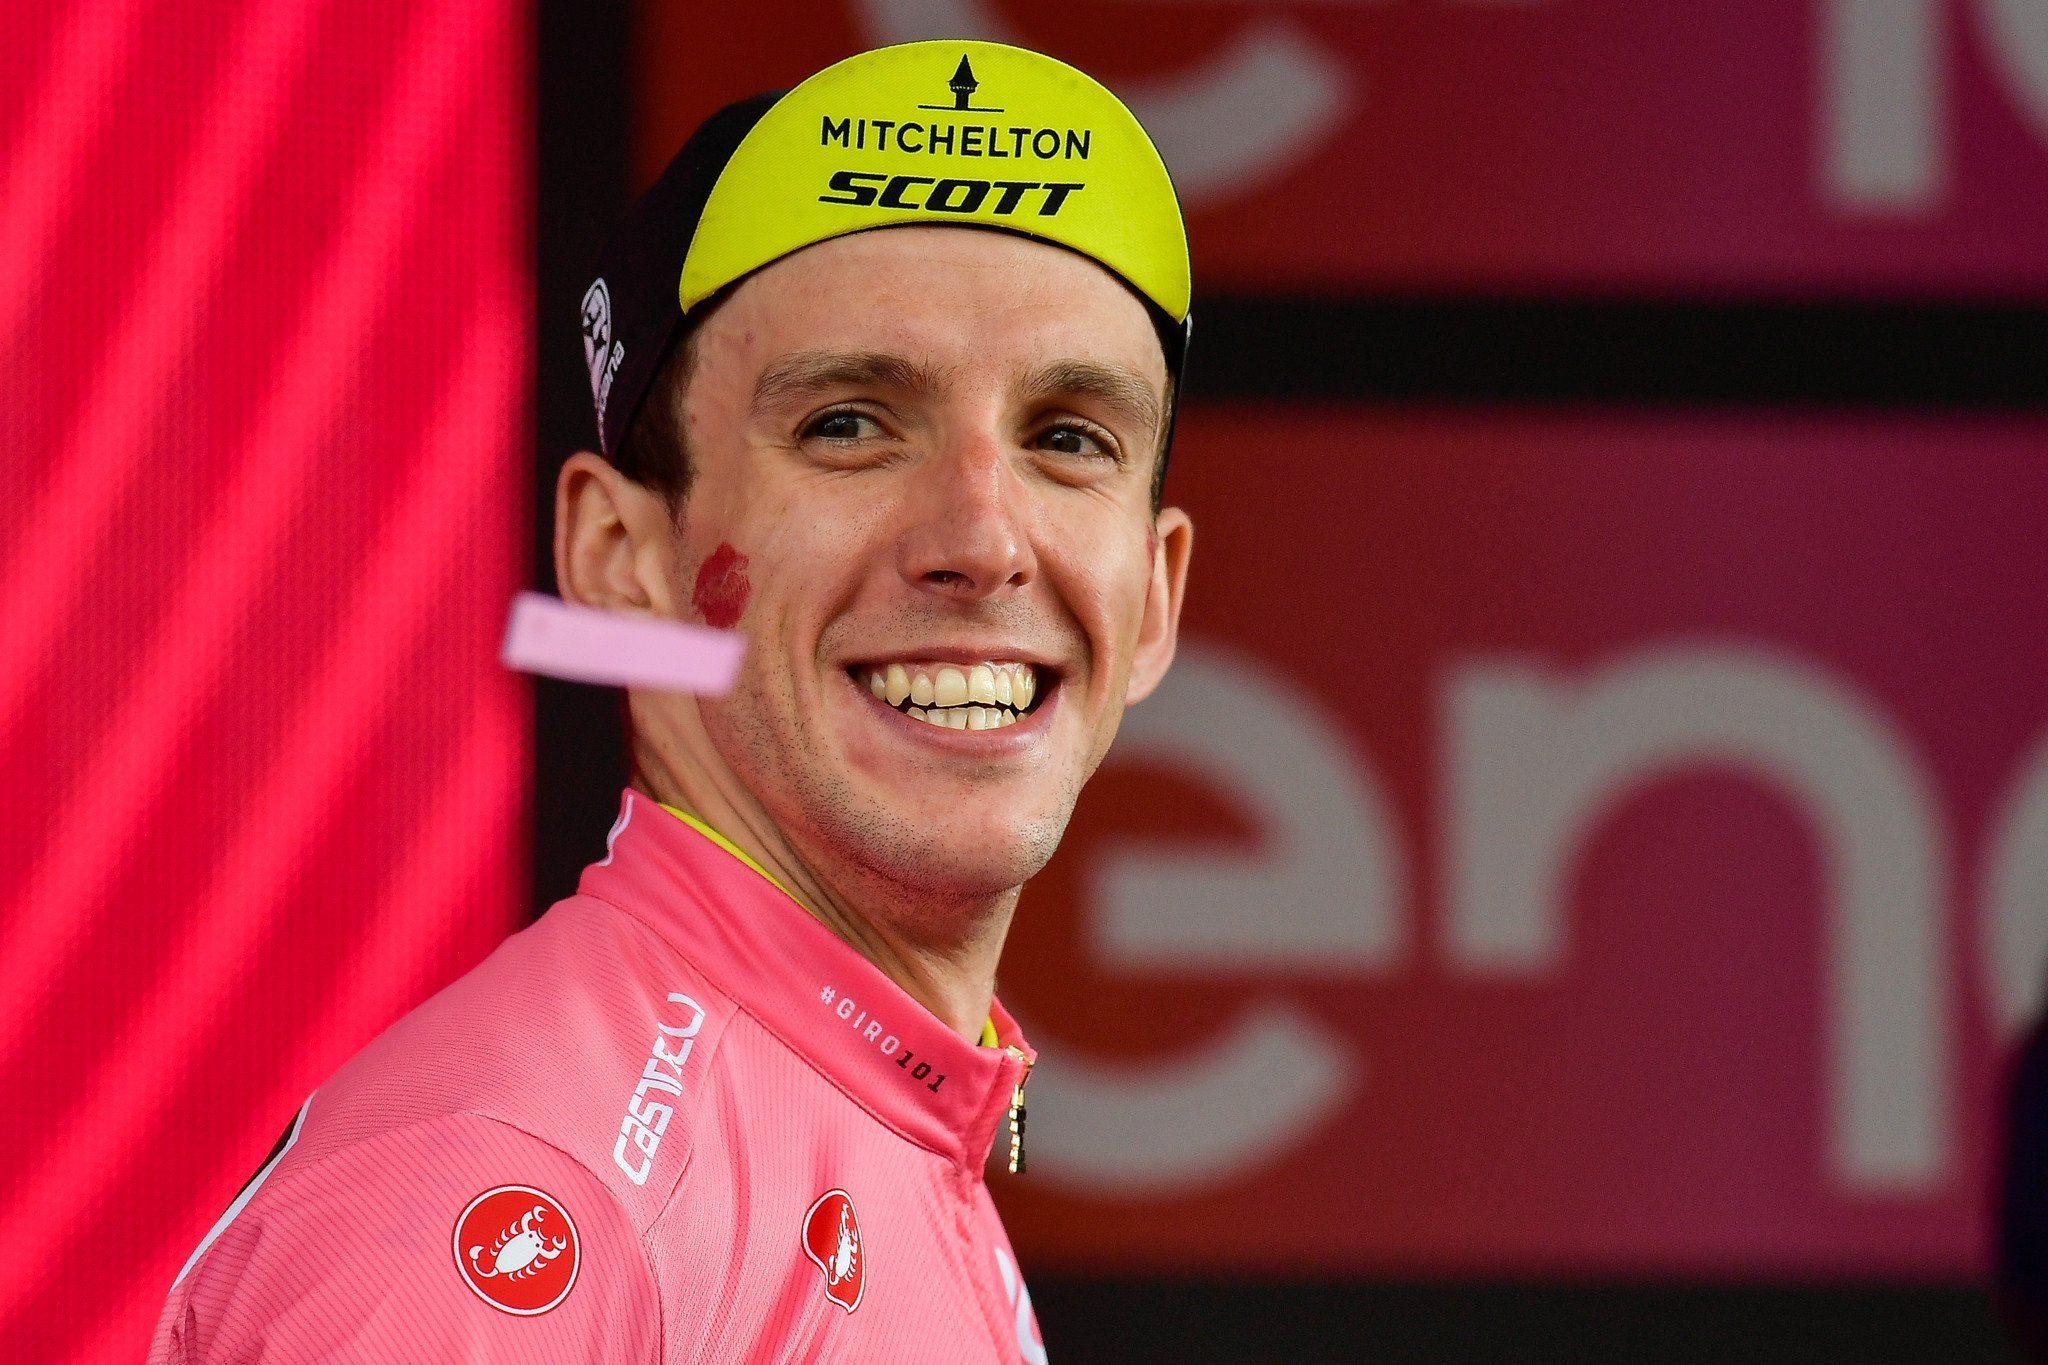 Саймон Йейтс выиграл девятый этап «Джиро д'Италии»